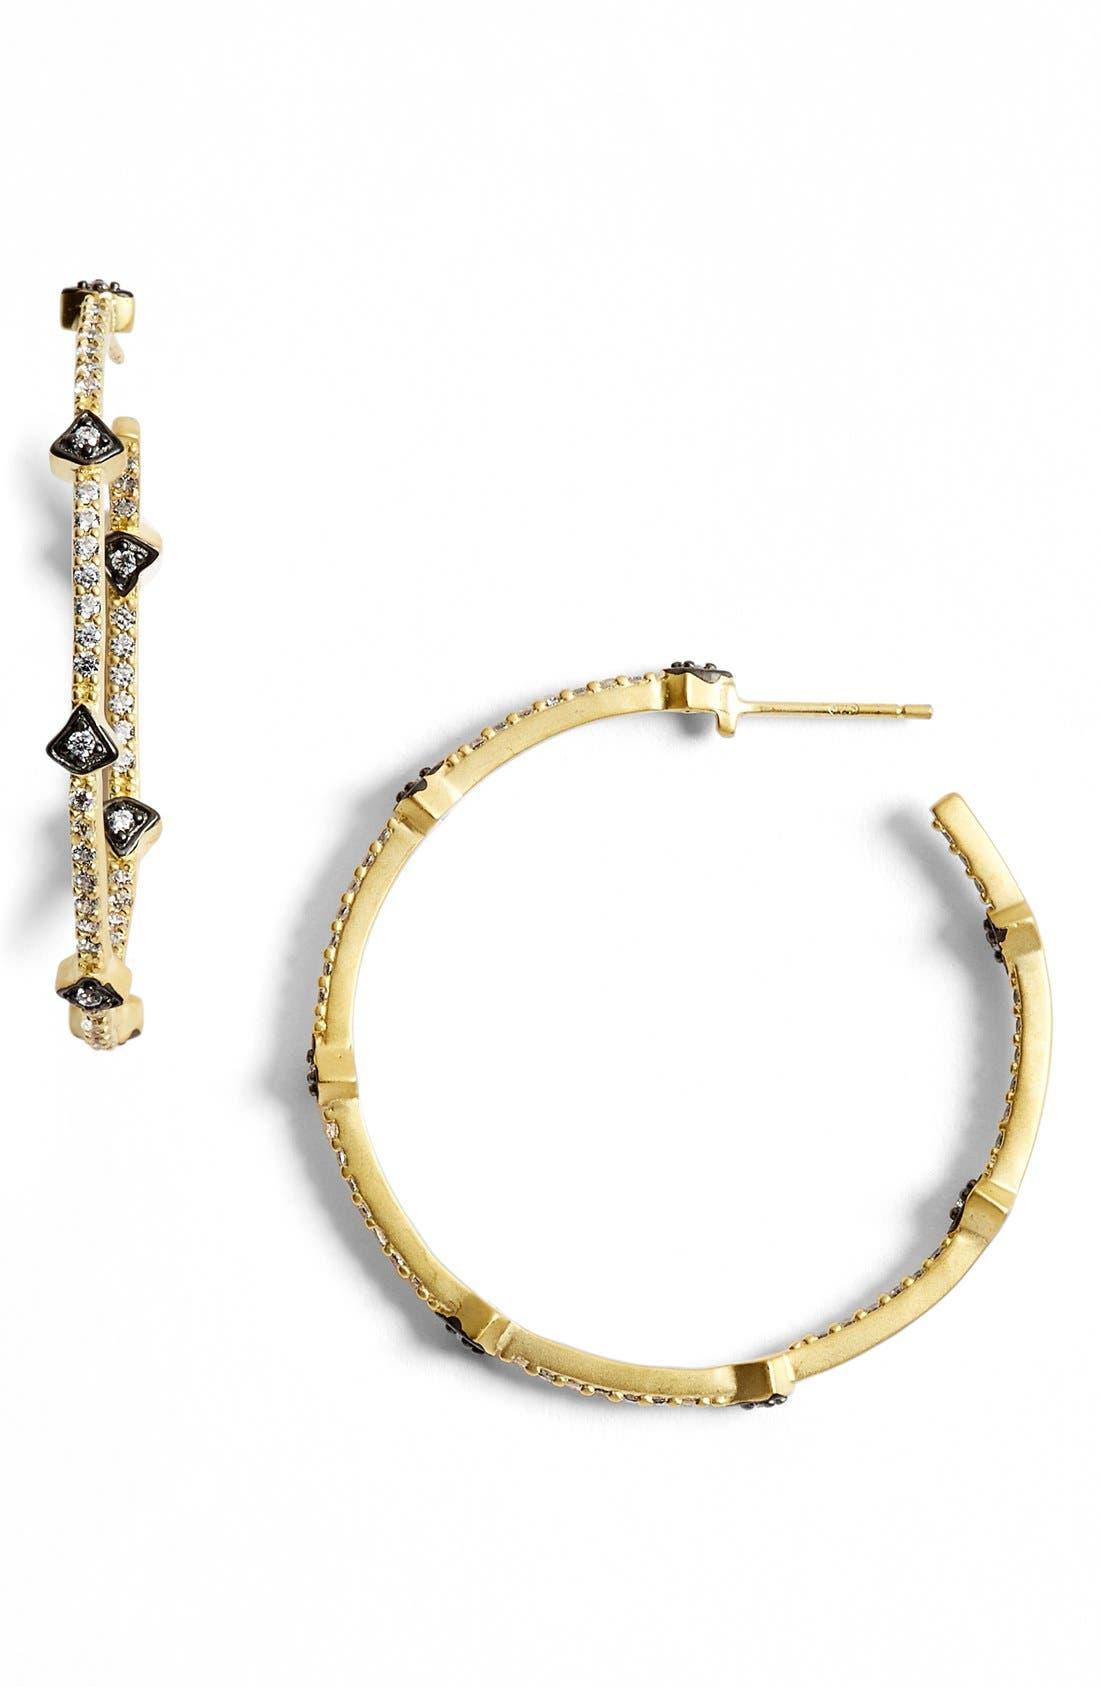 Main Image - FREIDA ROTHMAN 'Metropolitan' Inside Out Hoop Earrings